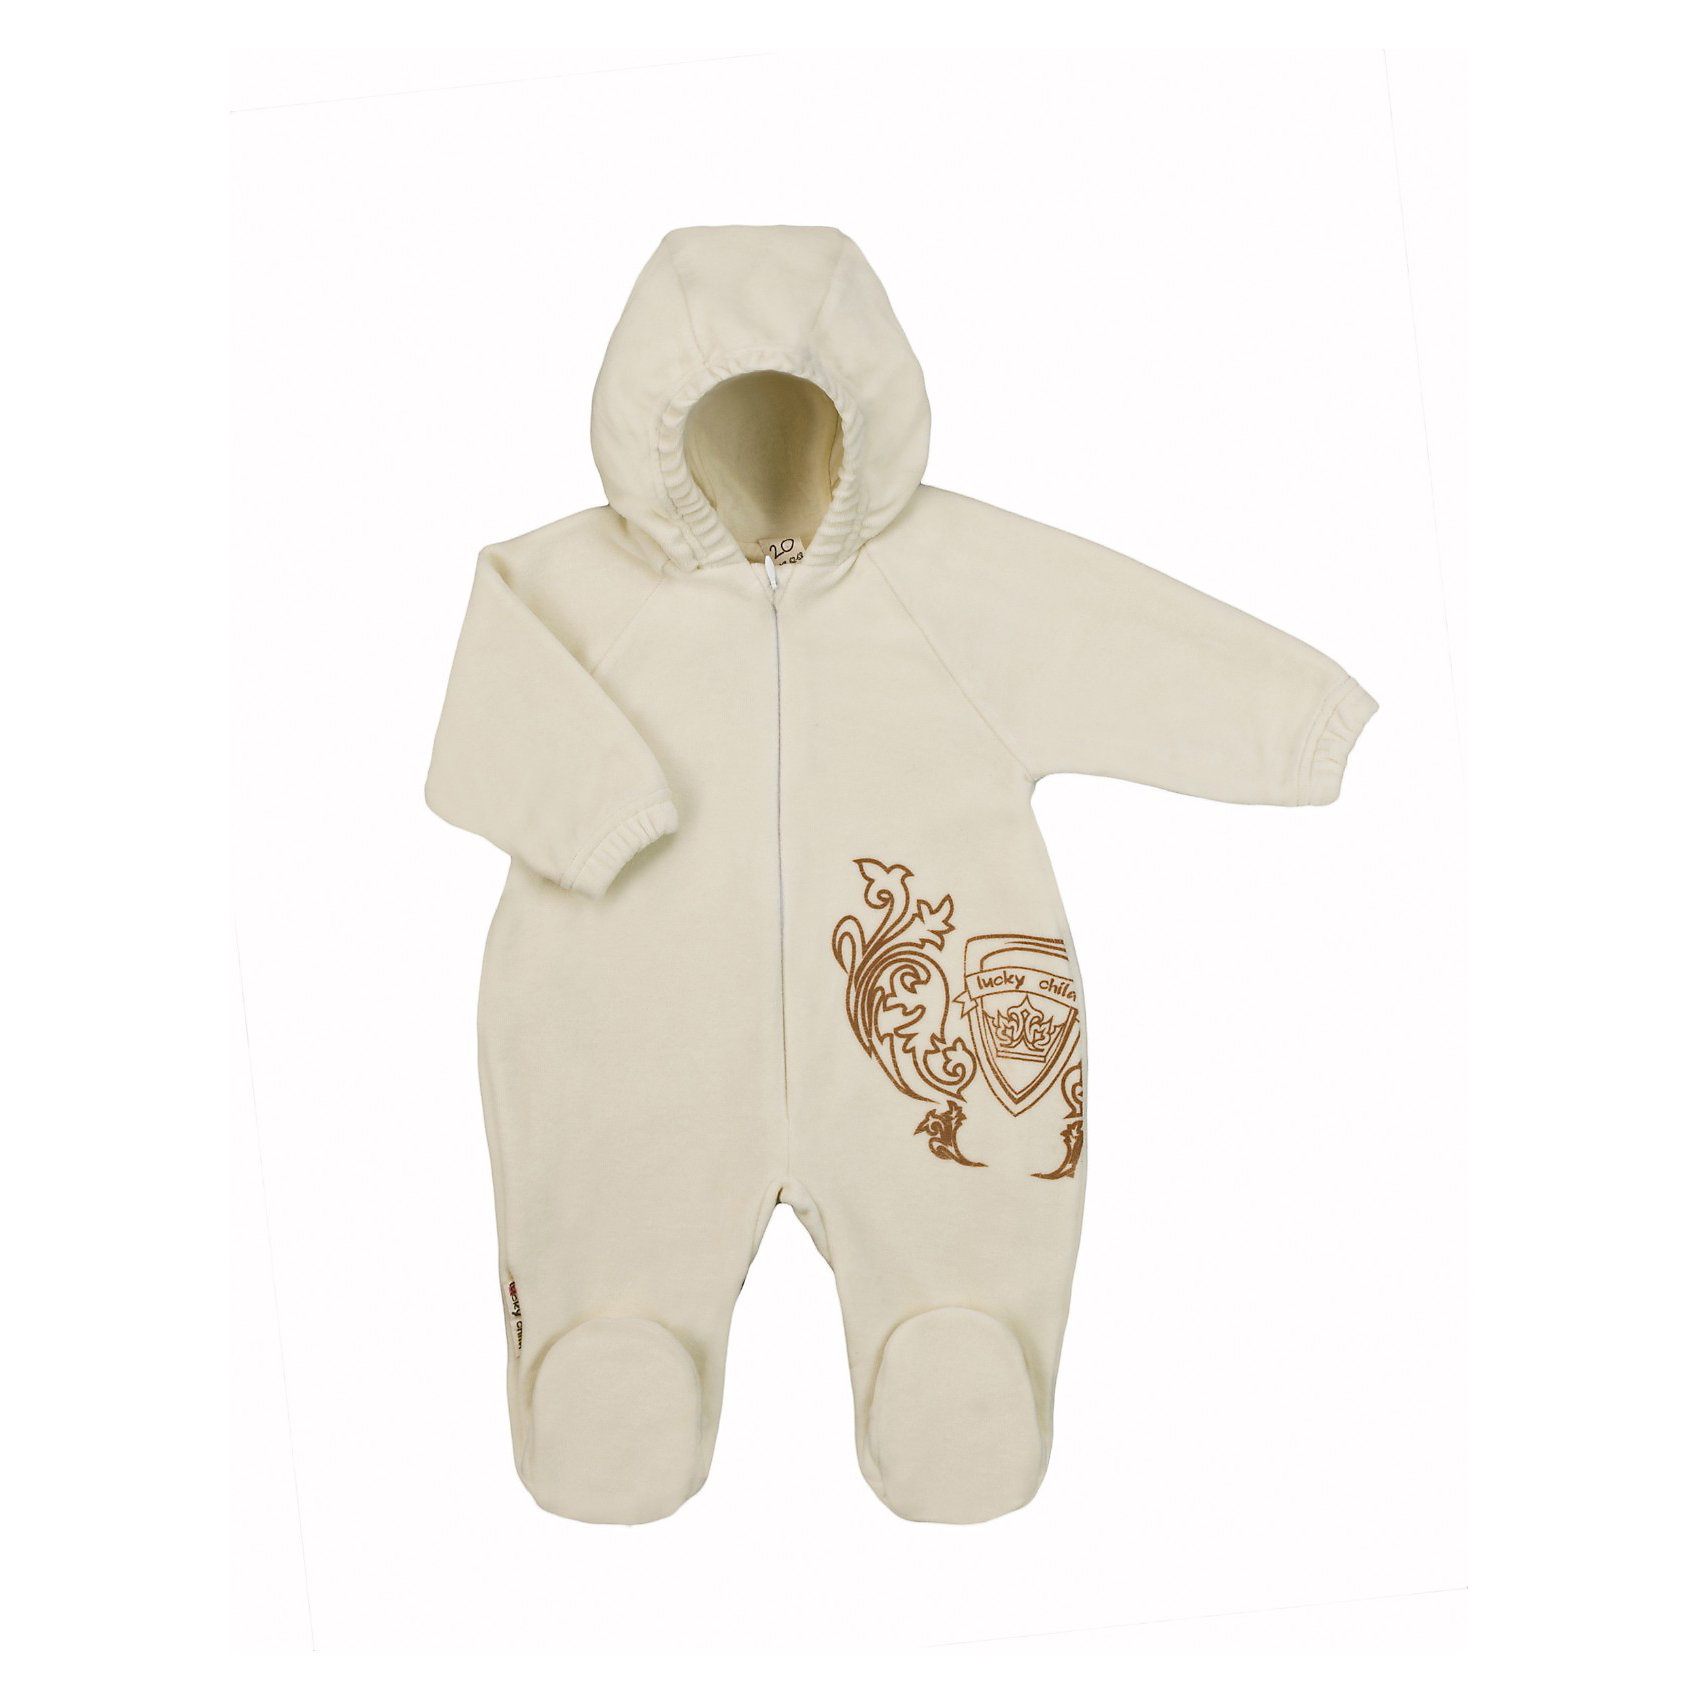 Комбинезон  Lucky ChildНежный велюровый комбинезон с закрытыми пяточками для ребенка. Удобная застежка-молния впереди. Капюшон и рукава с эластичным краем для лучшего прилегания к телу и сохранения тепла. Подкладка в тон из натурального гипоаллергенного материала (100% хлопок).<br><br>Ширина мм: 157<br>Глубина мм: 13<br>Высота мм: 119<br>Вес г: 200<br>Цвет: экрю<br>Возраст от месяцев: 9<br>Возраст до месяцев: 12<br>Пол: Унисекс<br>Возраст: Детский<br>Размер: 74/80,56/62,80/86,68/74,62/68<br>SKU: 3340805